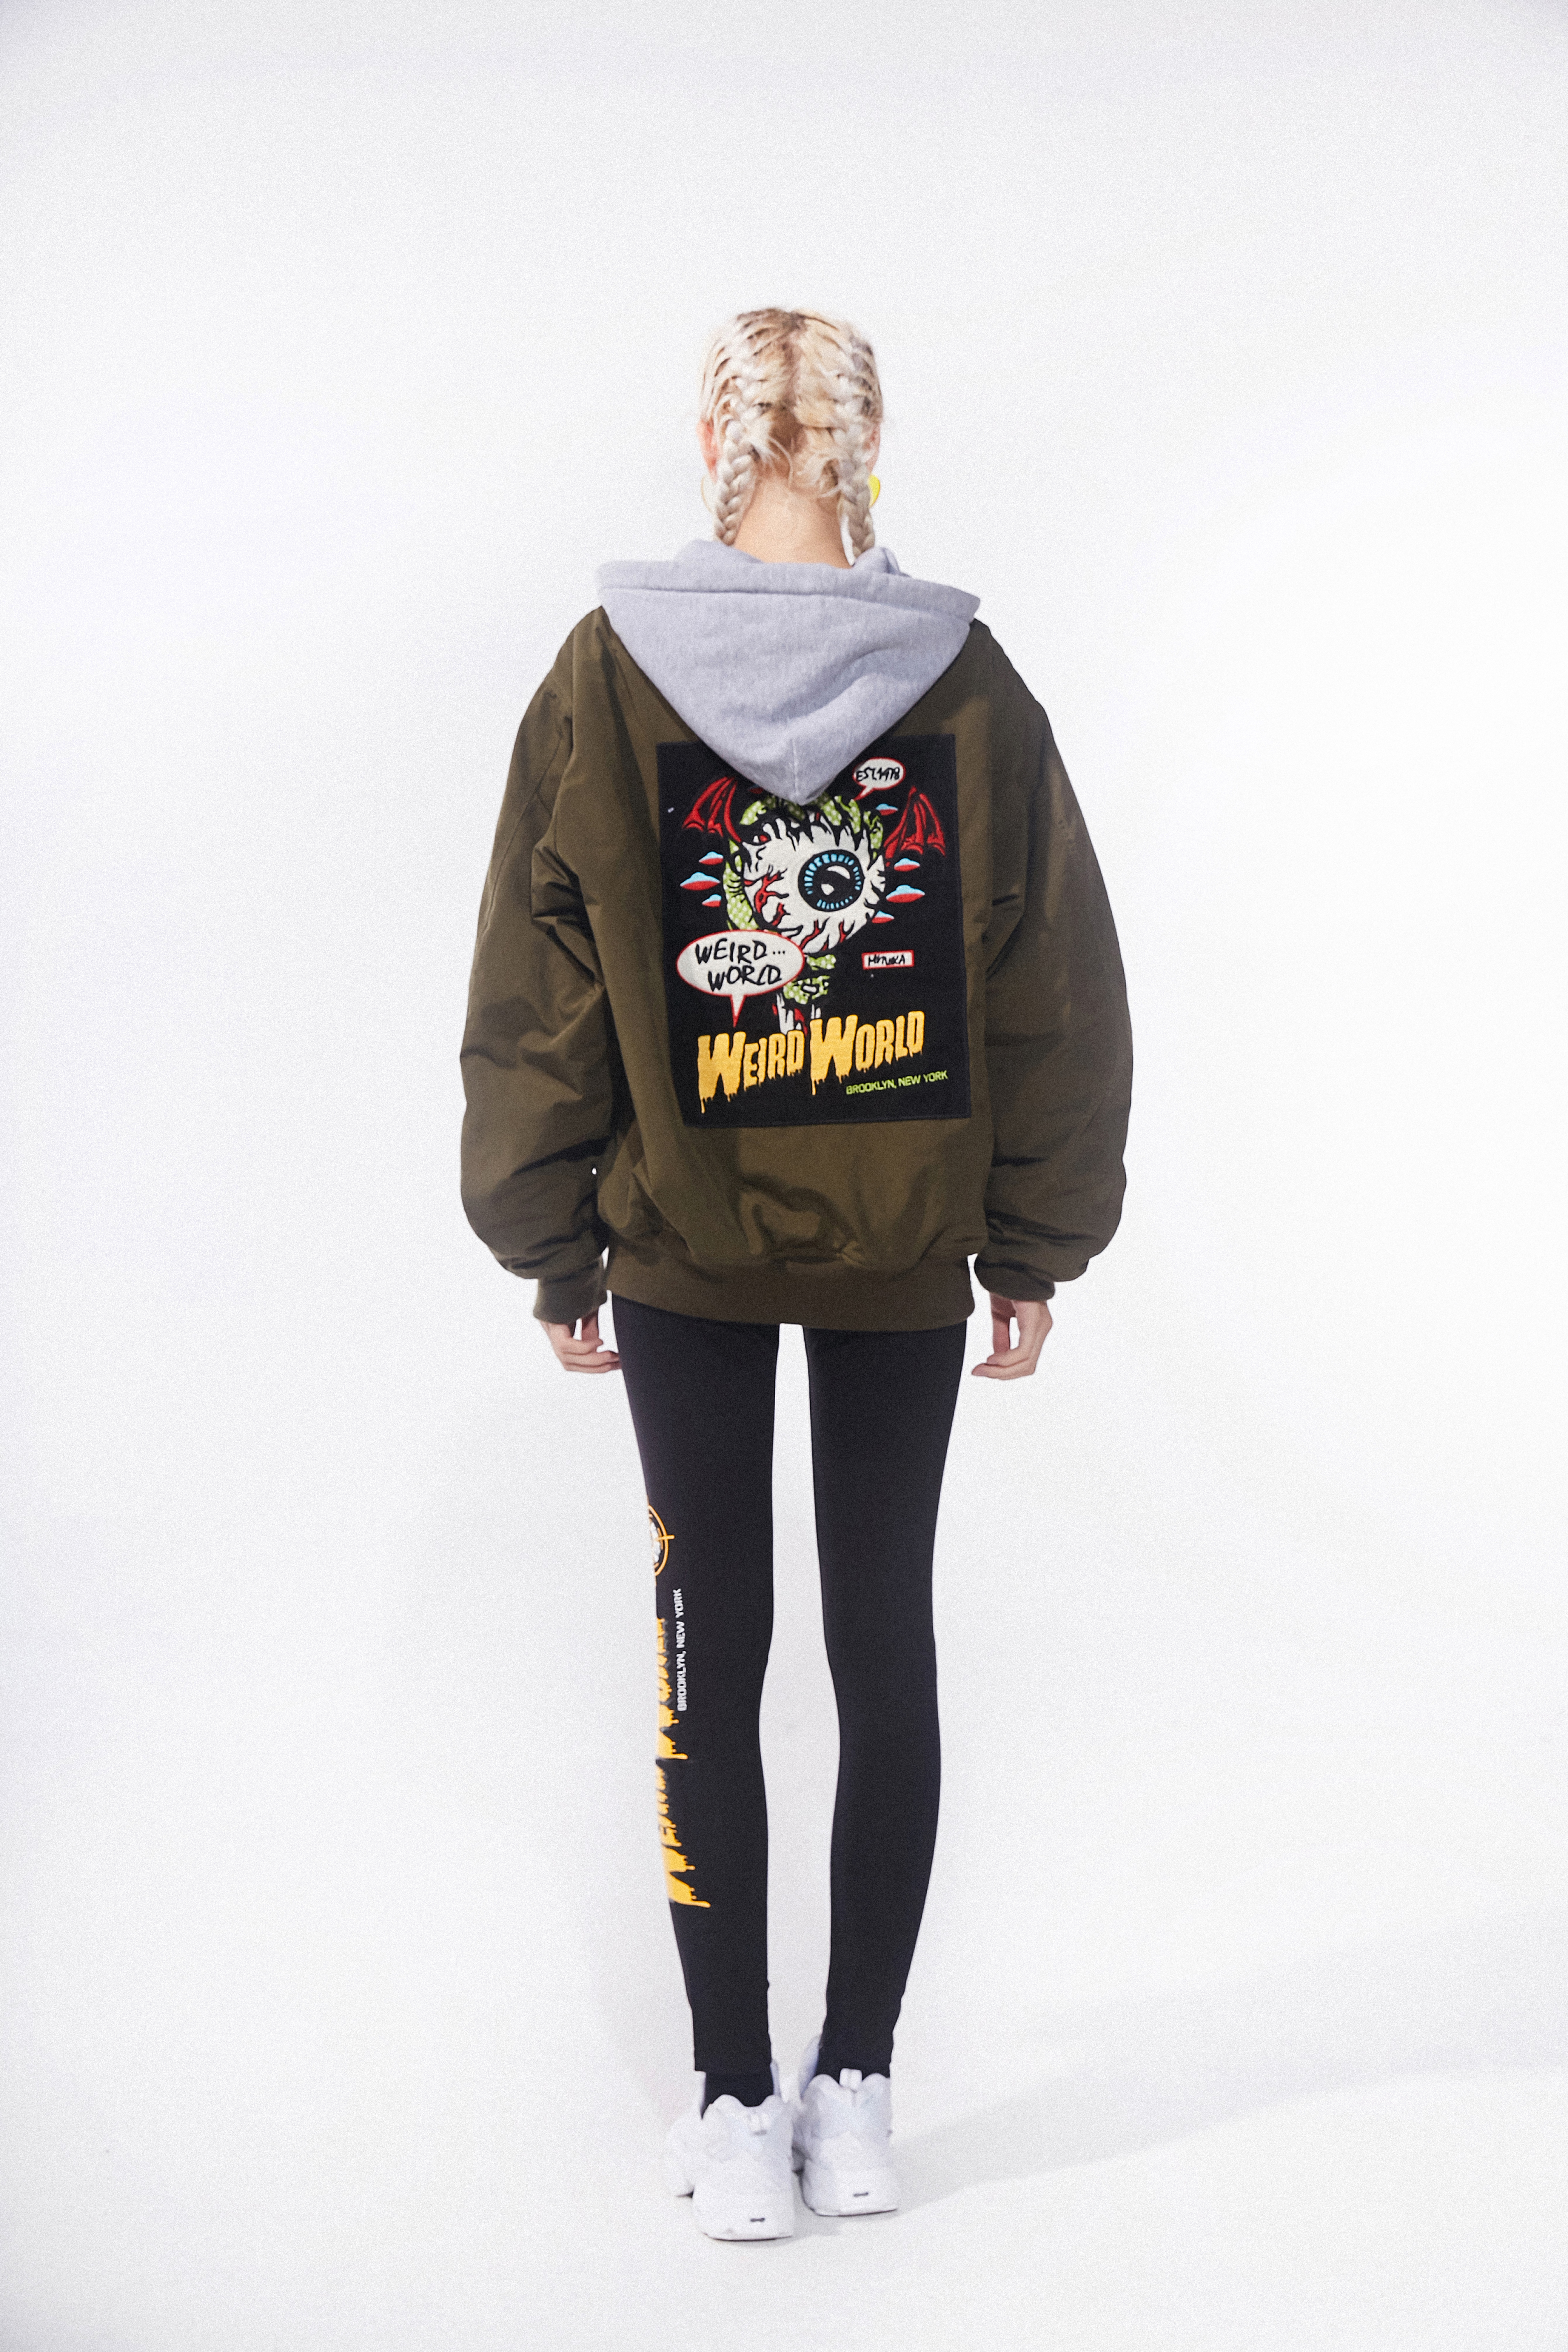 Lamour Weird World Women's Hooded Jacket